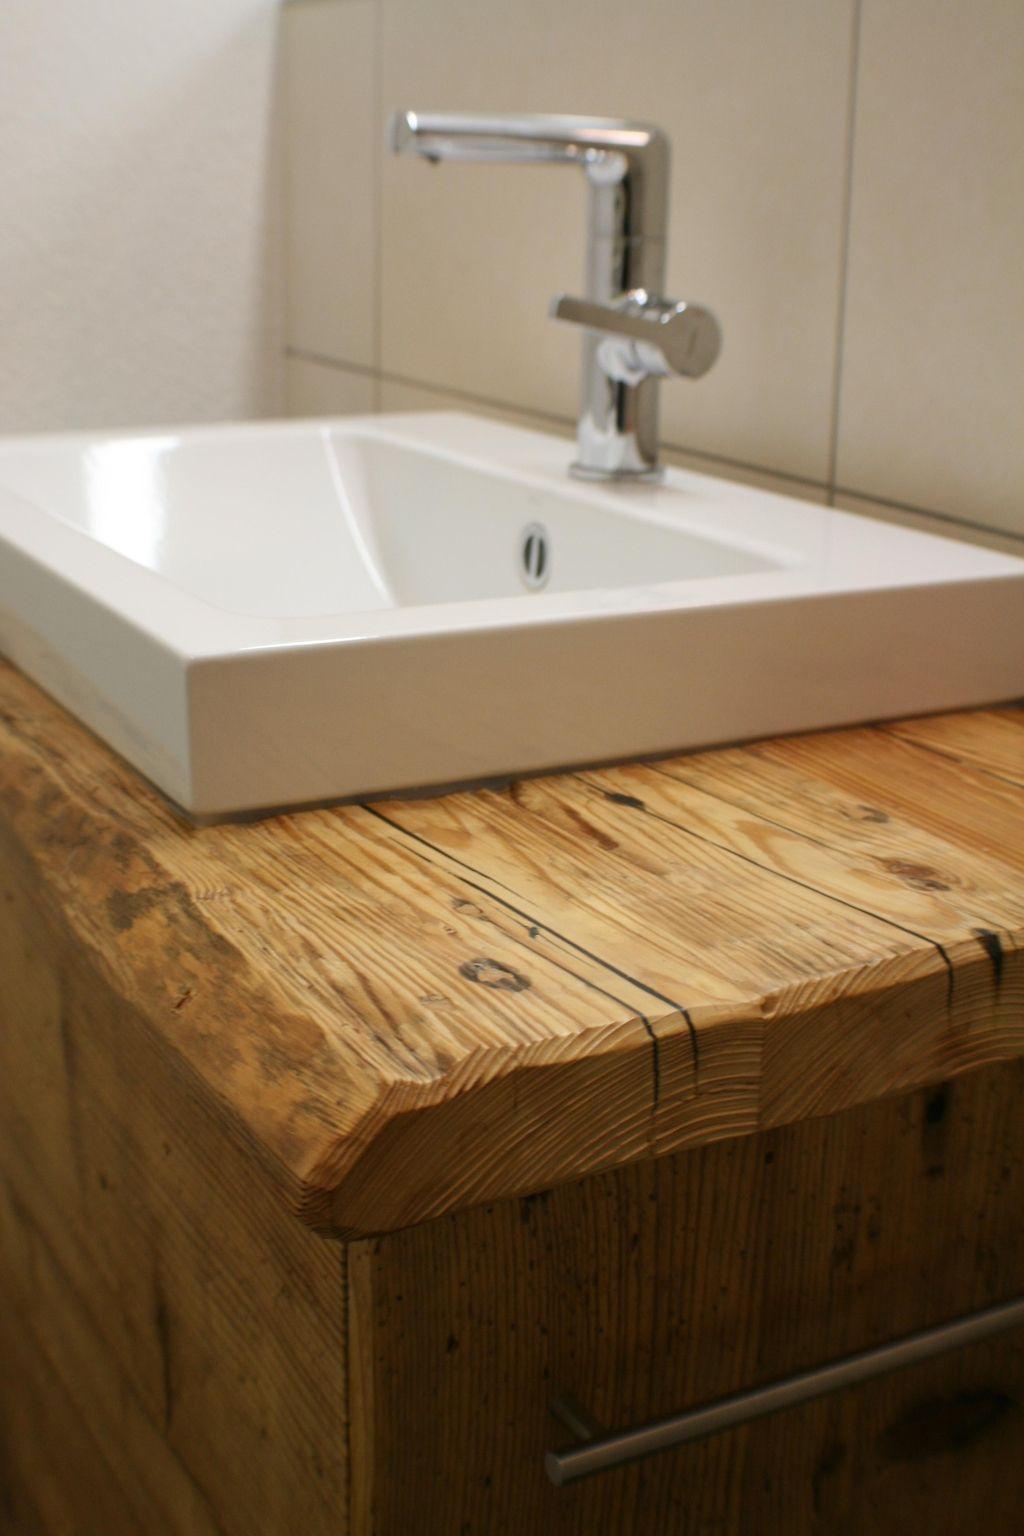 Waschtisch Praktisch Schon So Geht S Waschtisch Holz Badezimmer Waschtisch Holz Rustikal Und Waschtisch Holz